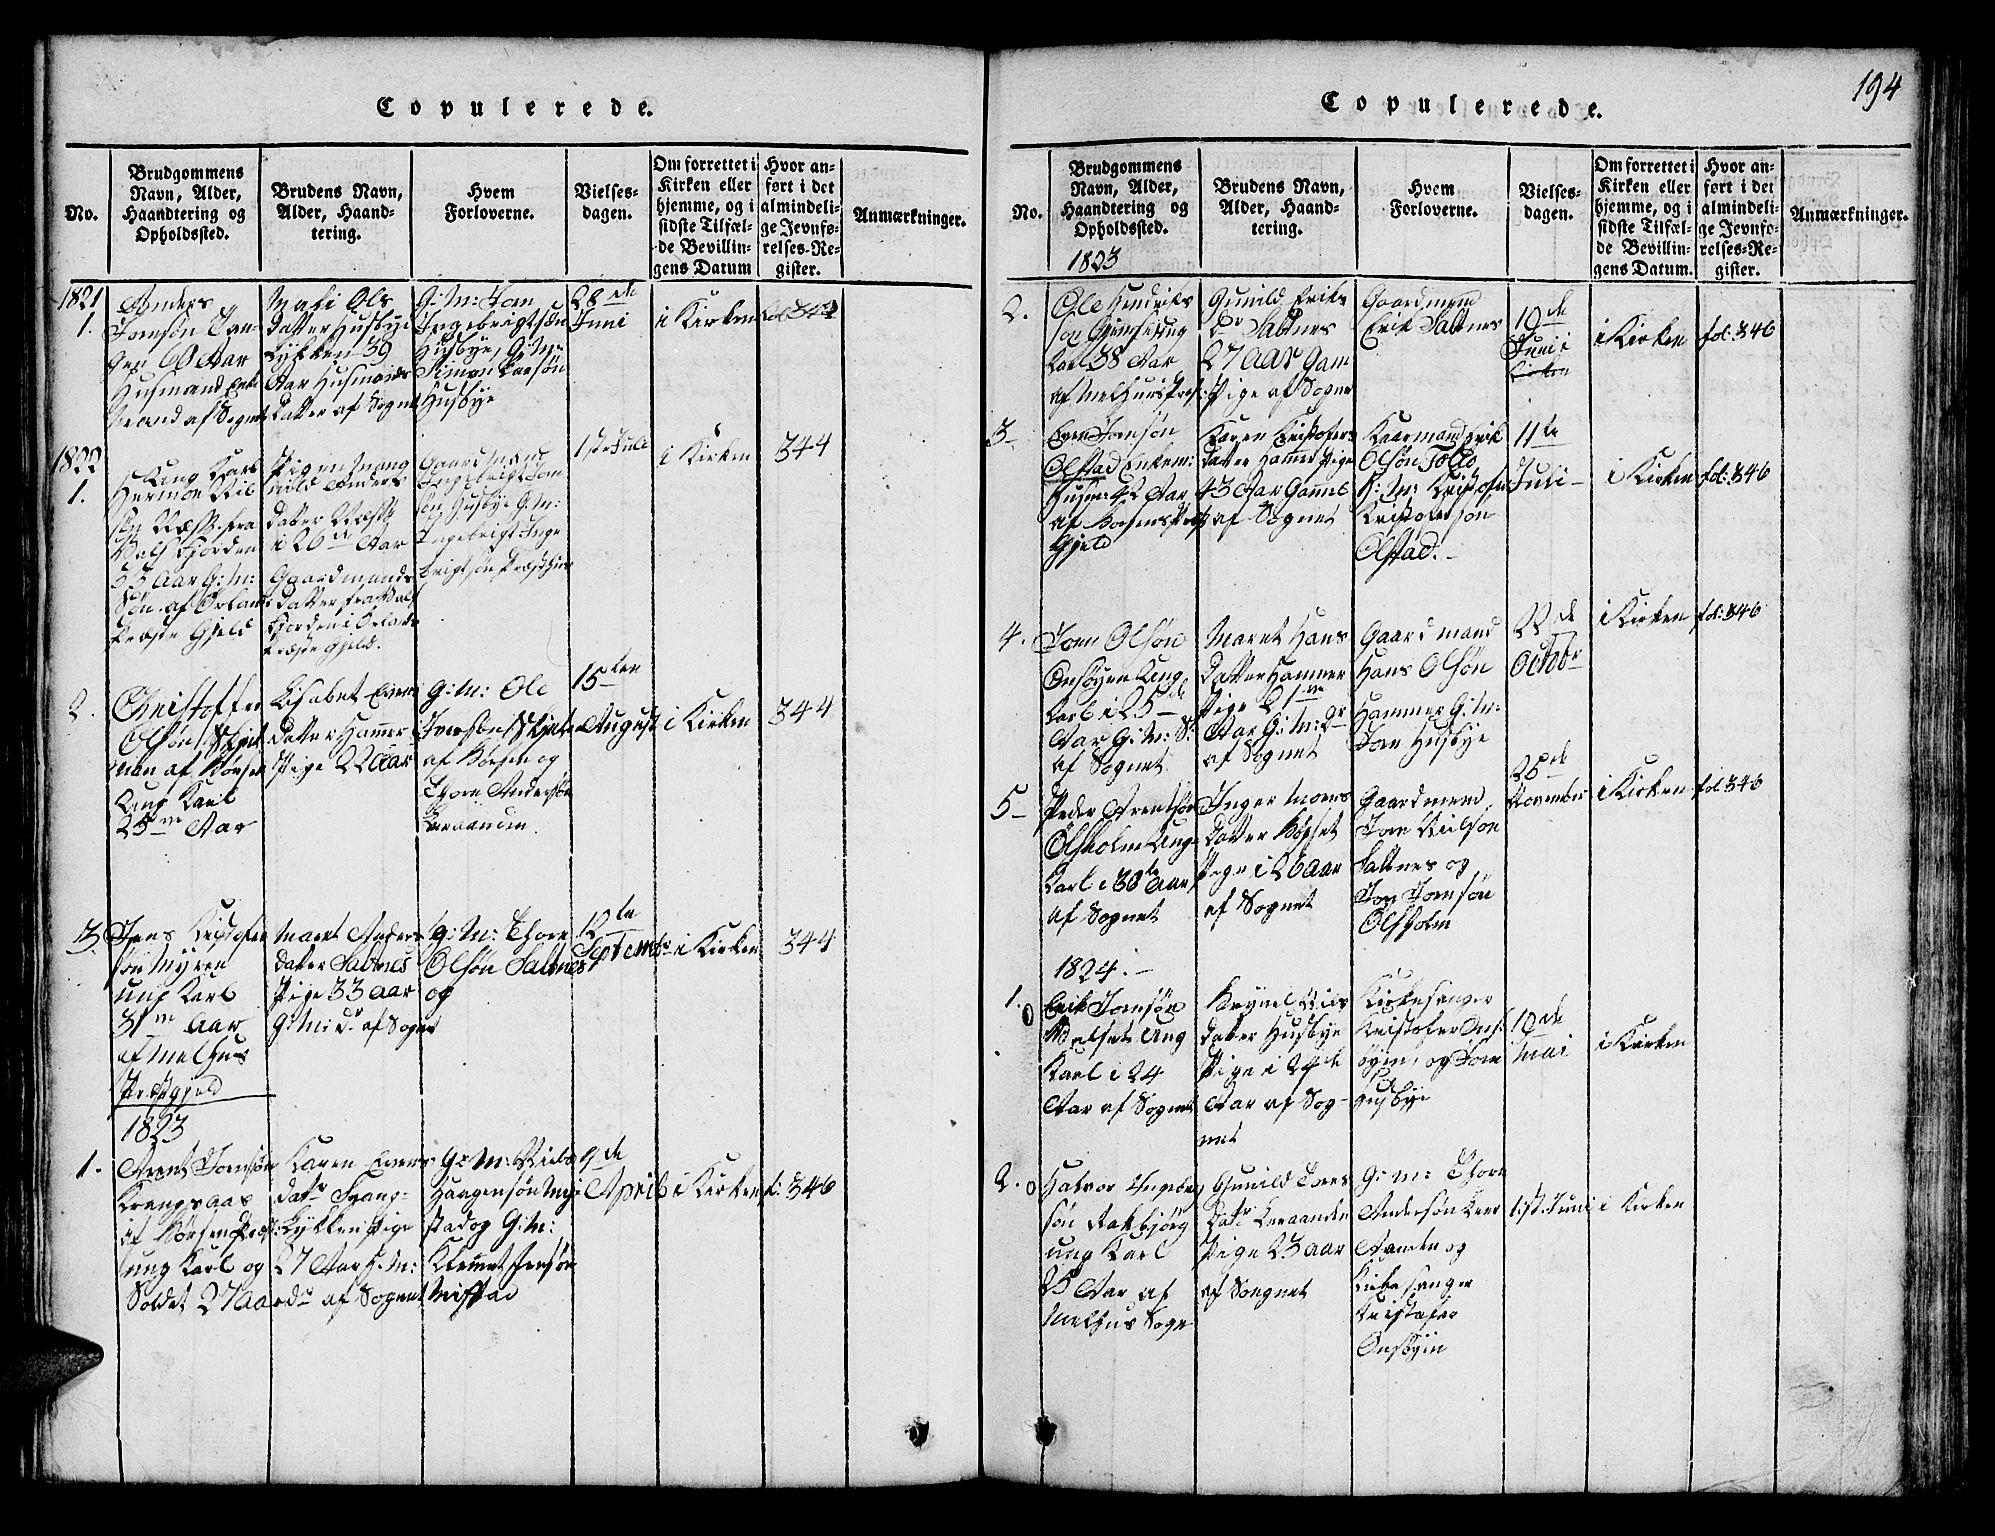 SAT, Ministerialprotokoller, klokkerbøker og fødselsregistre - Sør-Trøndelag, 666/L0788: Klokkerbok nr. 666C01, 1816-1847, s. 194